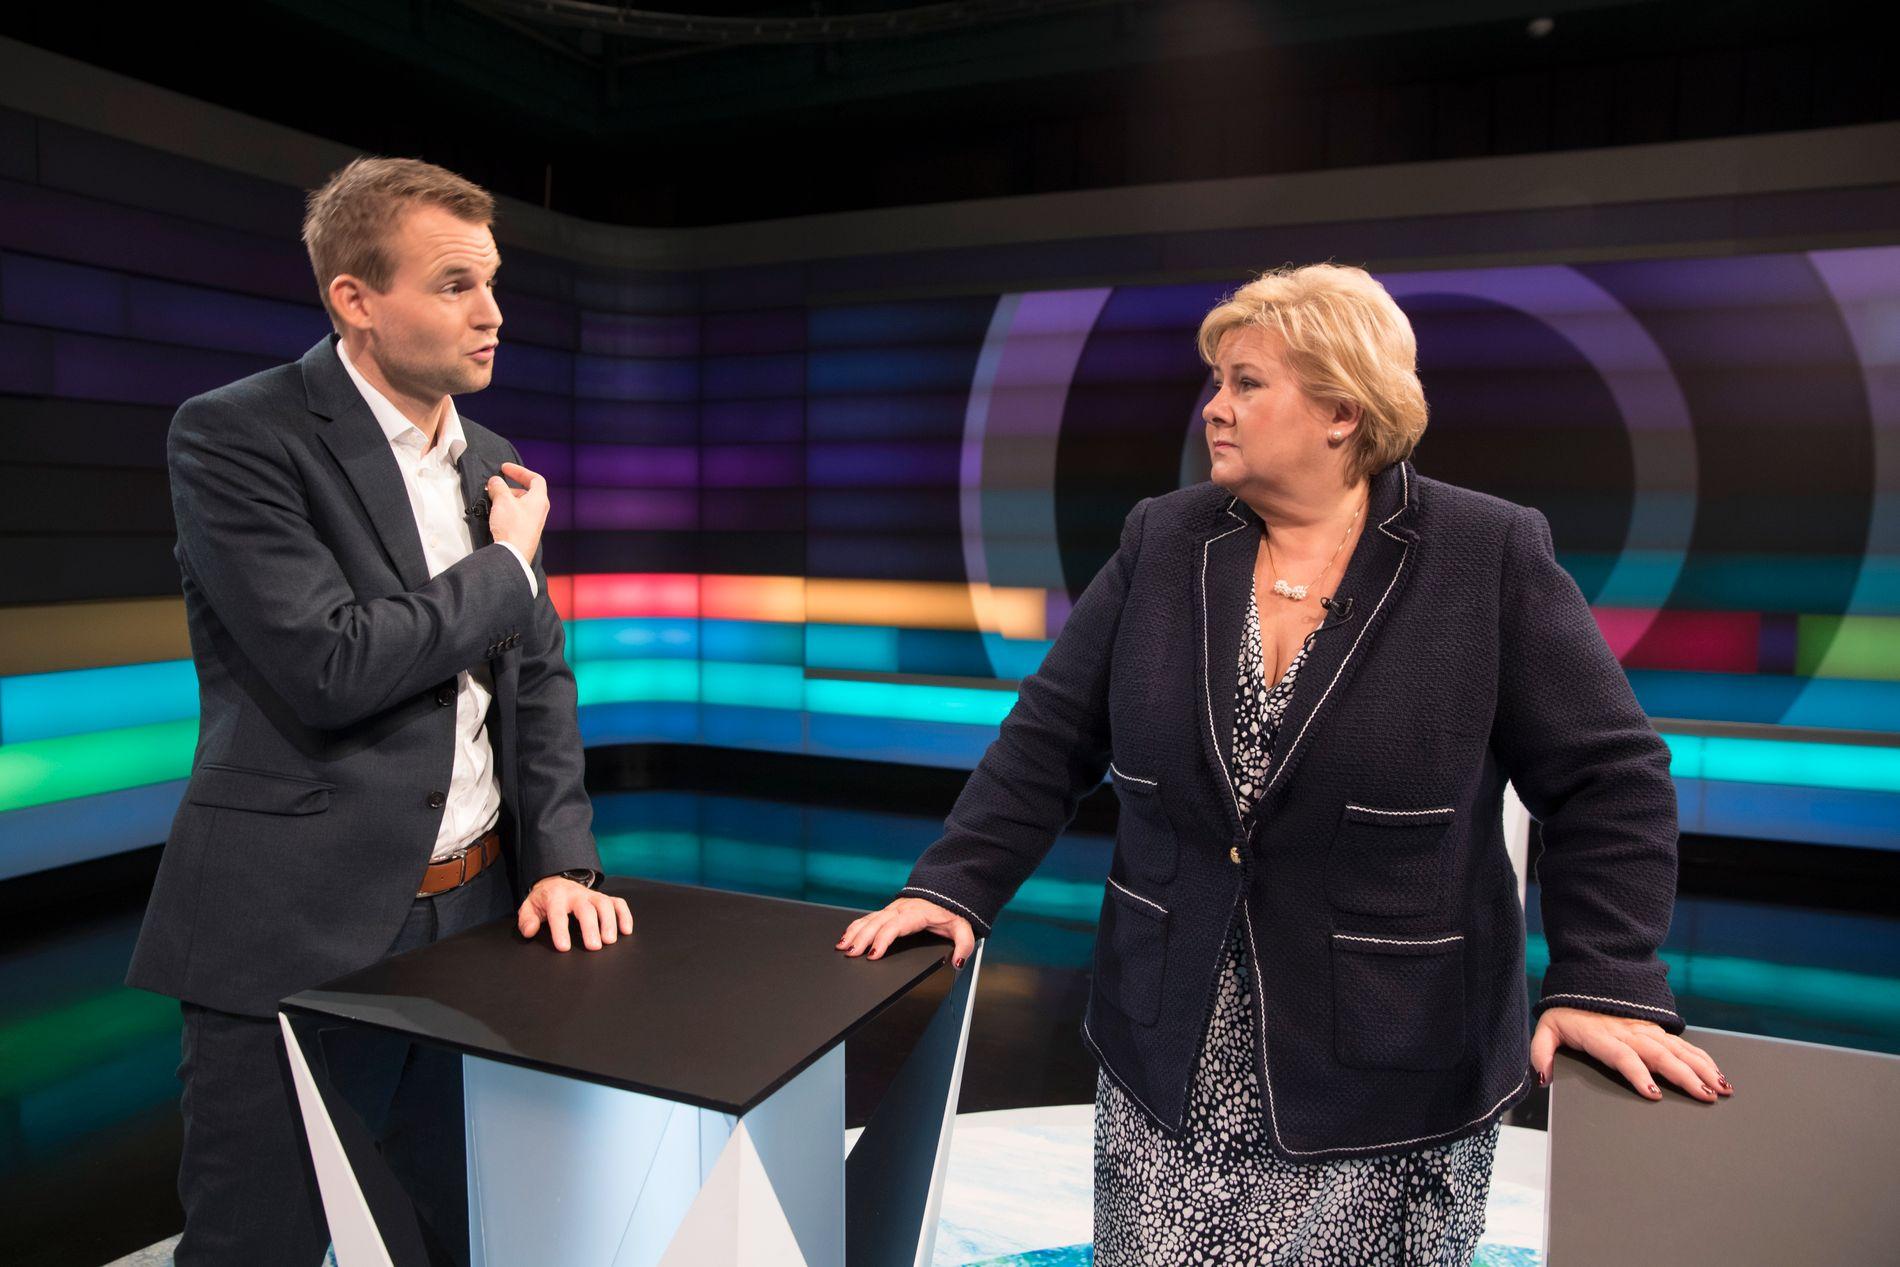 FORHANDLINGER: Nestleder i KrF Kjell Ingolf Ropstad og statsminister Erna Solberg skal forhandle om å endre abortloven. Selv ubetydelige endringer vil være en seier for KrF.